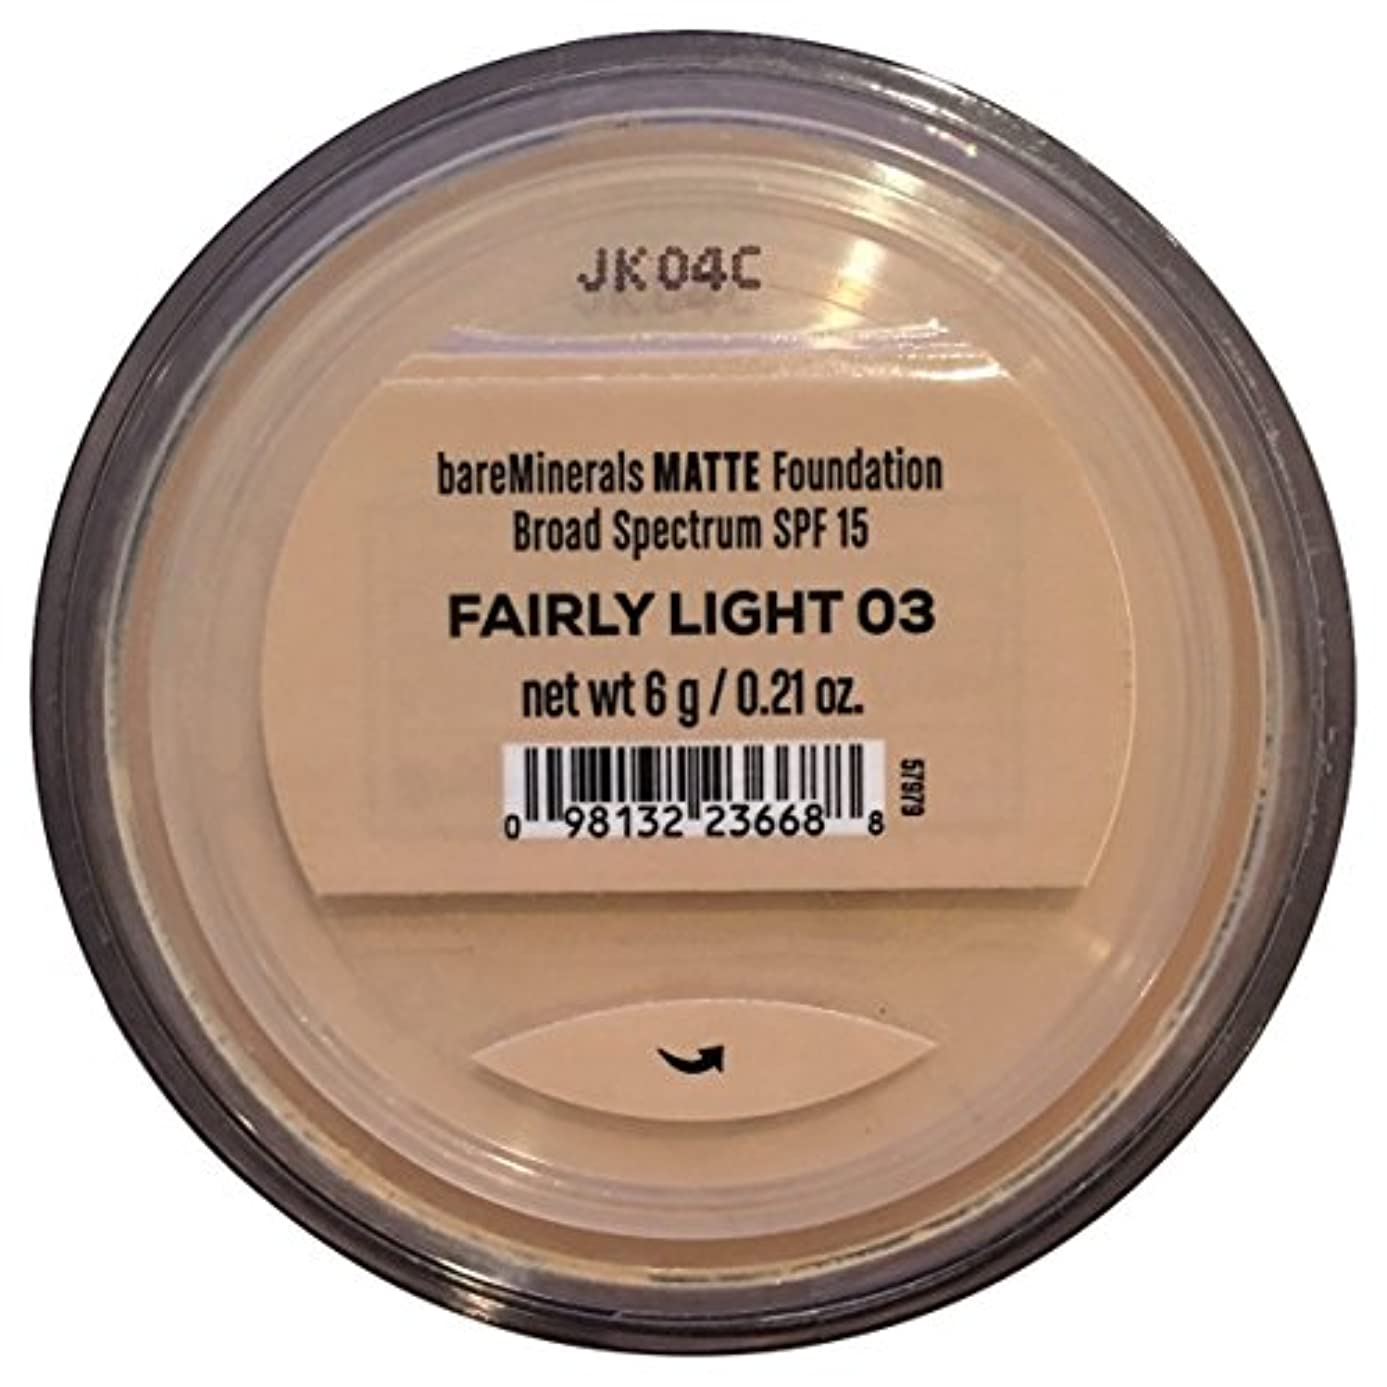 わずかなスタイル関数ベアエッセンシャル bare escentuals ベアミネラル マット ファンデーション SPF15 PA++ 6g フェアリーライト